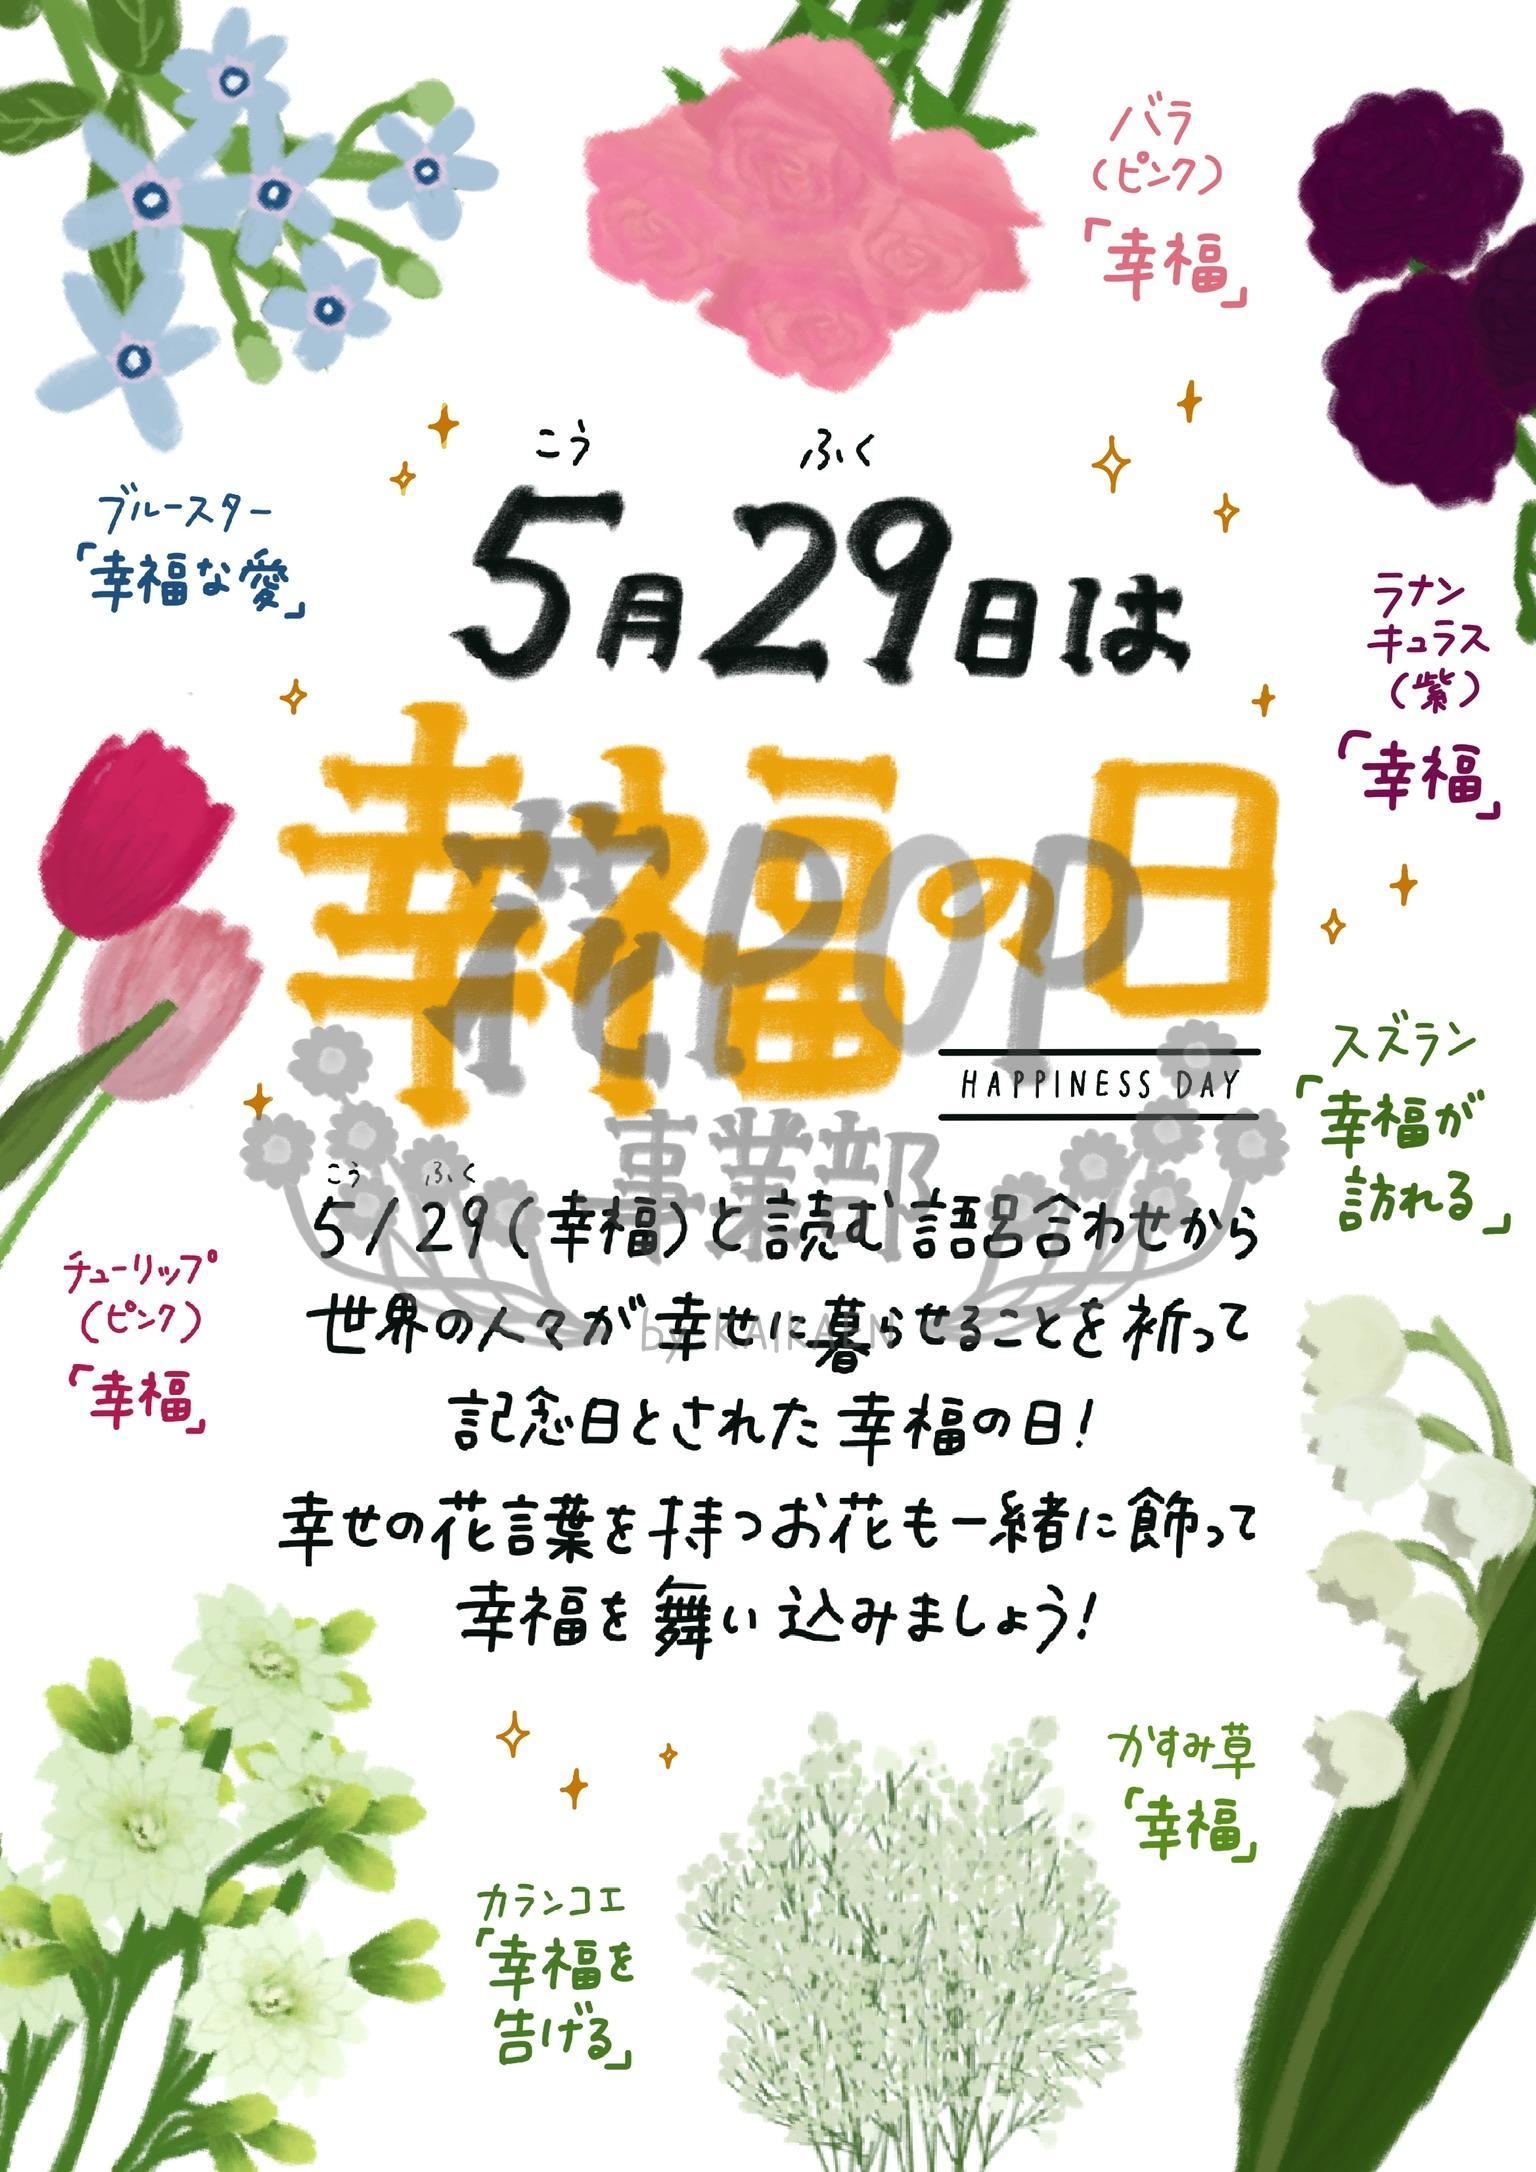 5月29日 幸福の日